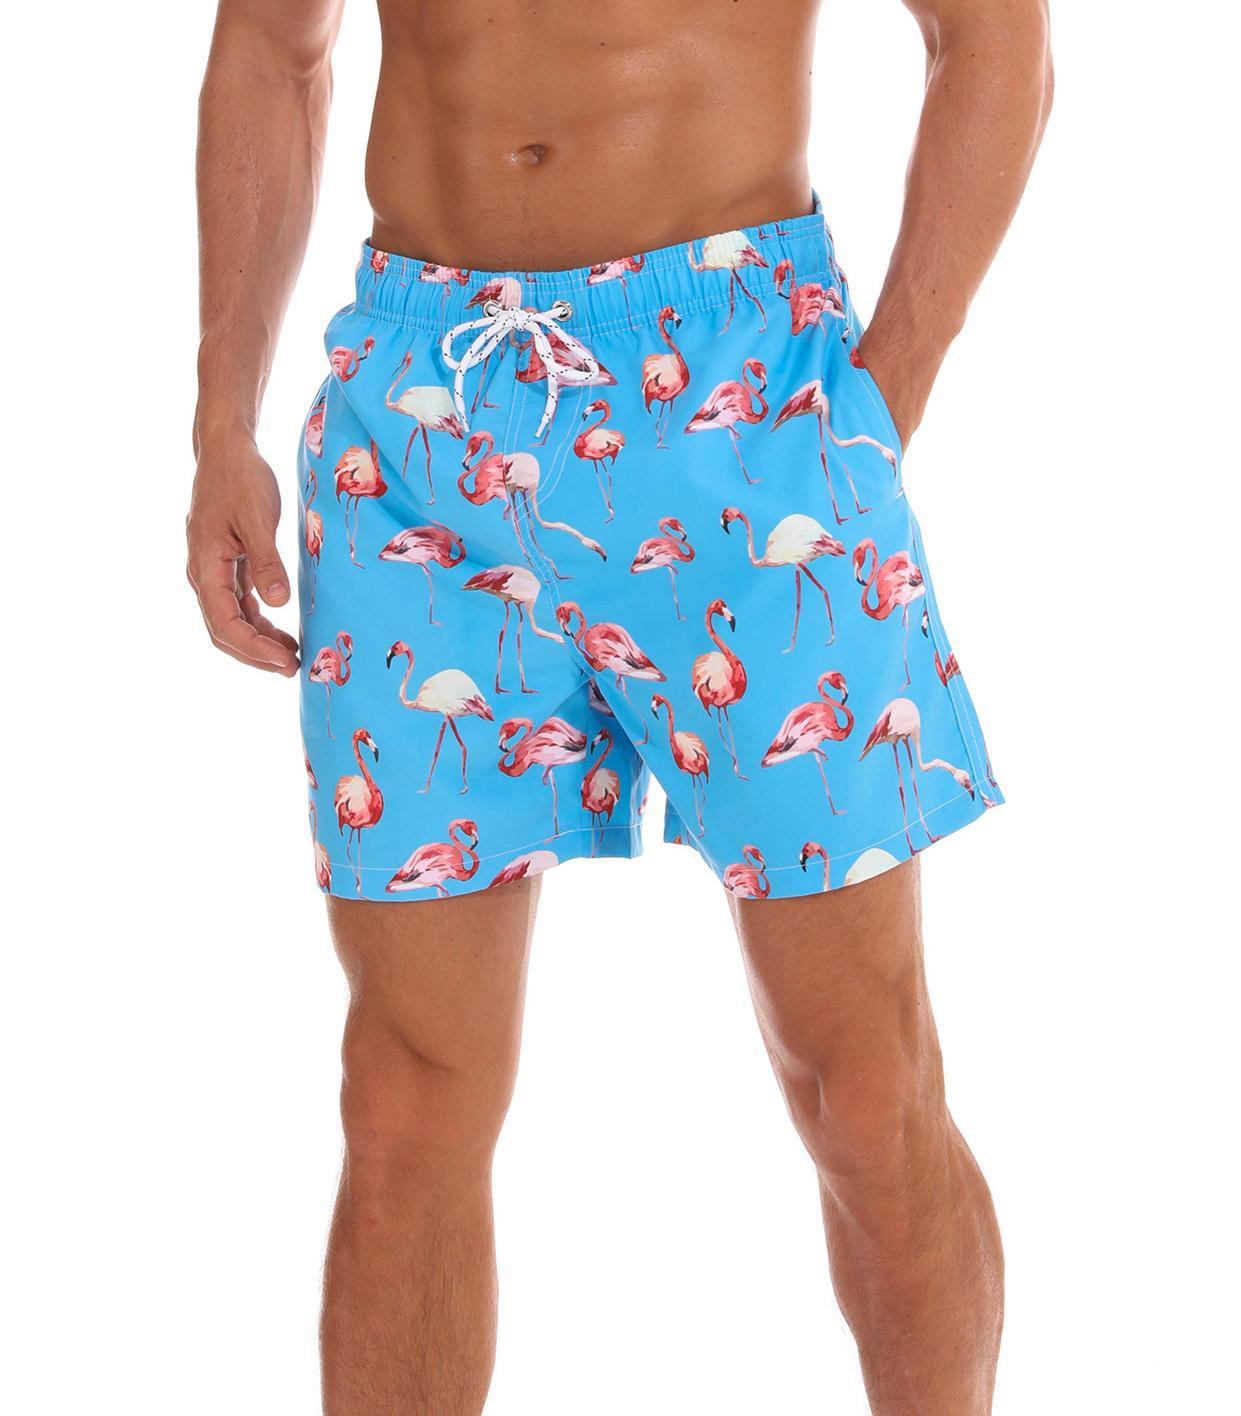 الرجال السباحة جذوع سريعة الجافة شاطئ السراويل مع جيوب فائقة الأزياء مجلس السراويل الرجال المطبوعة شاطئ السباحة رجل رياضة السراويل القصيرة 09